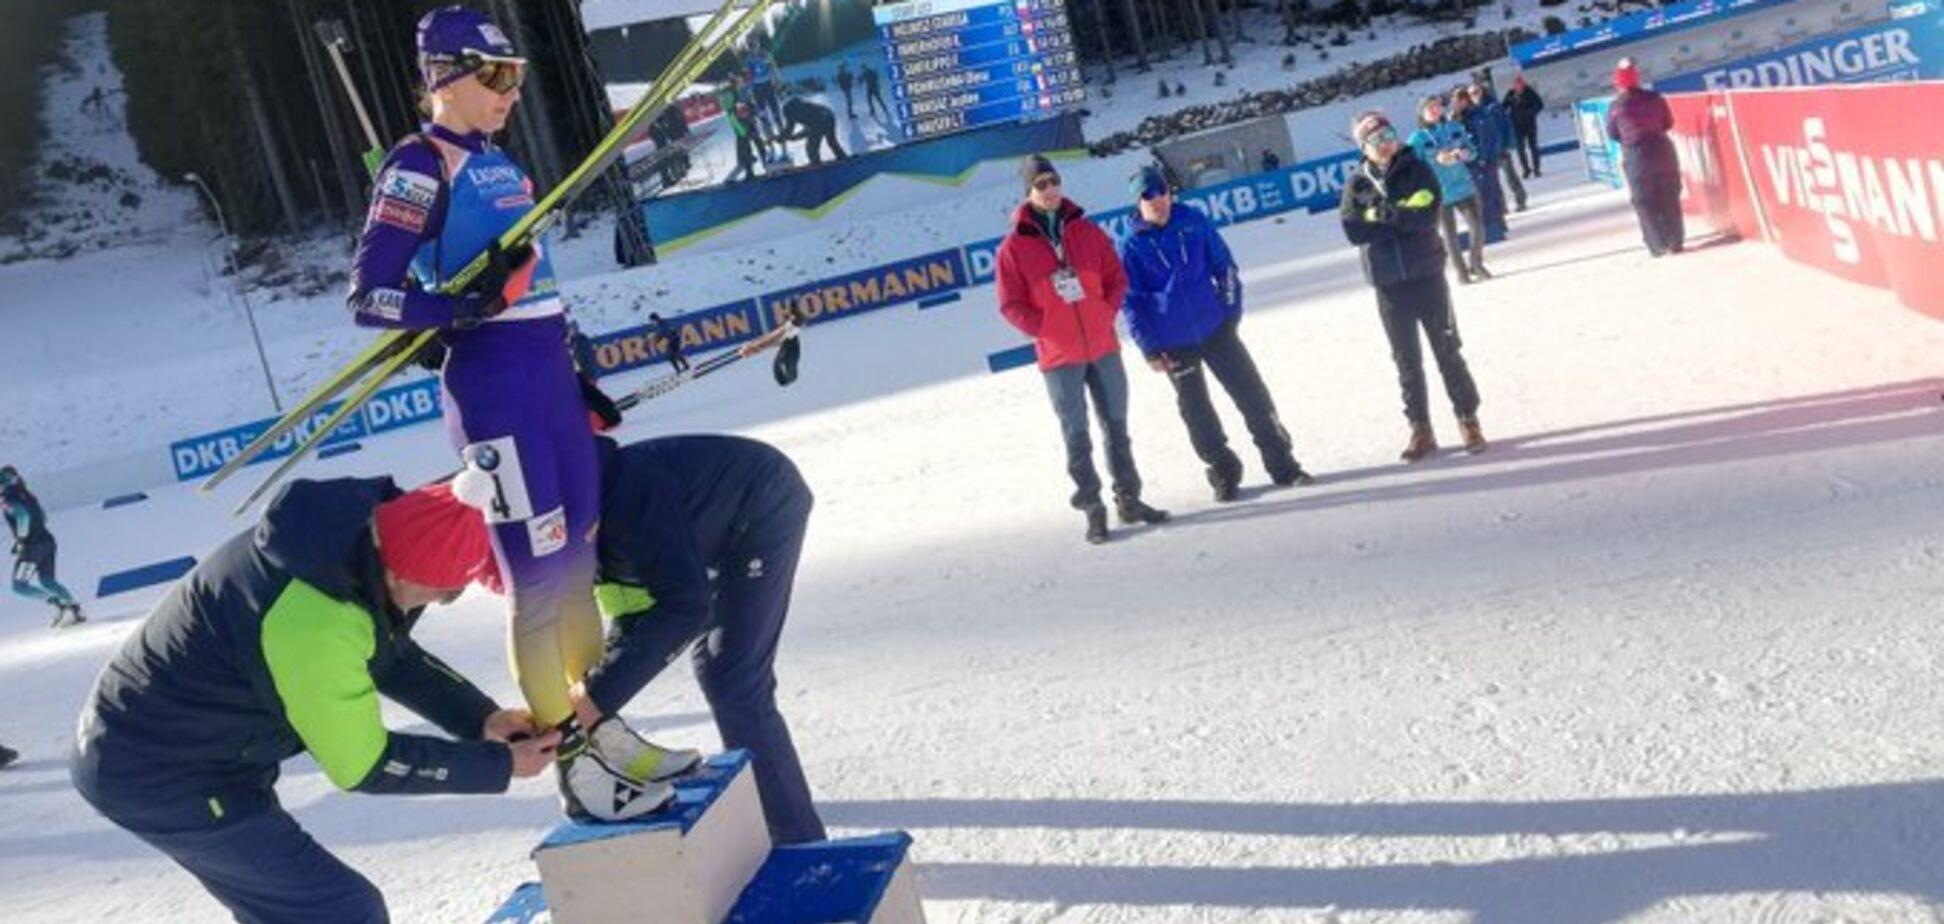 Україна дискваліфікована на Кубку світу з біатлону